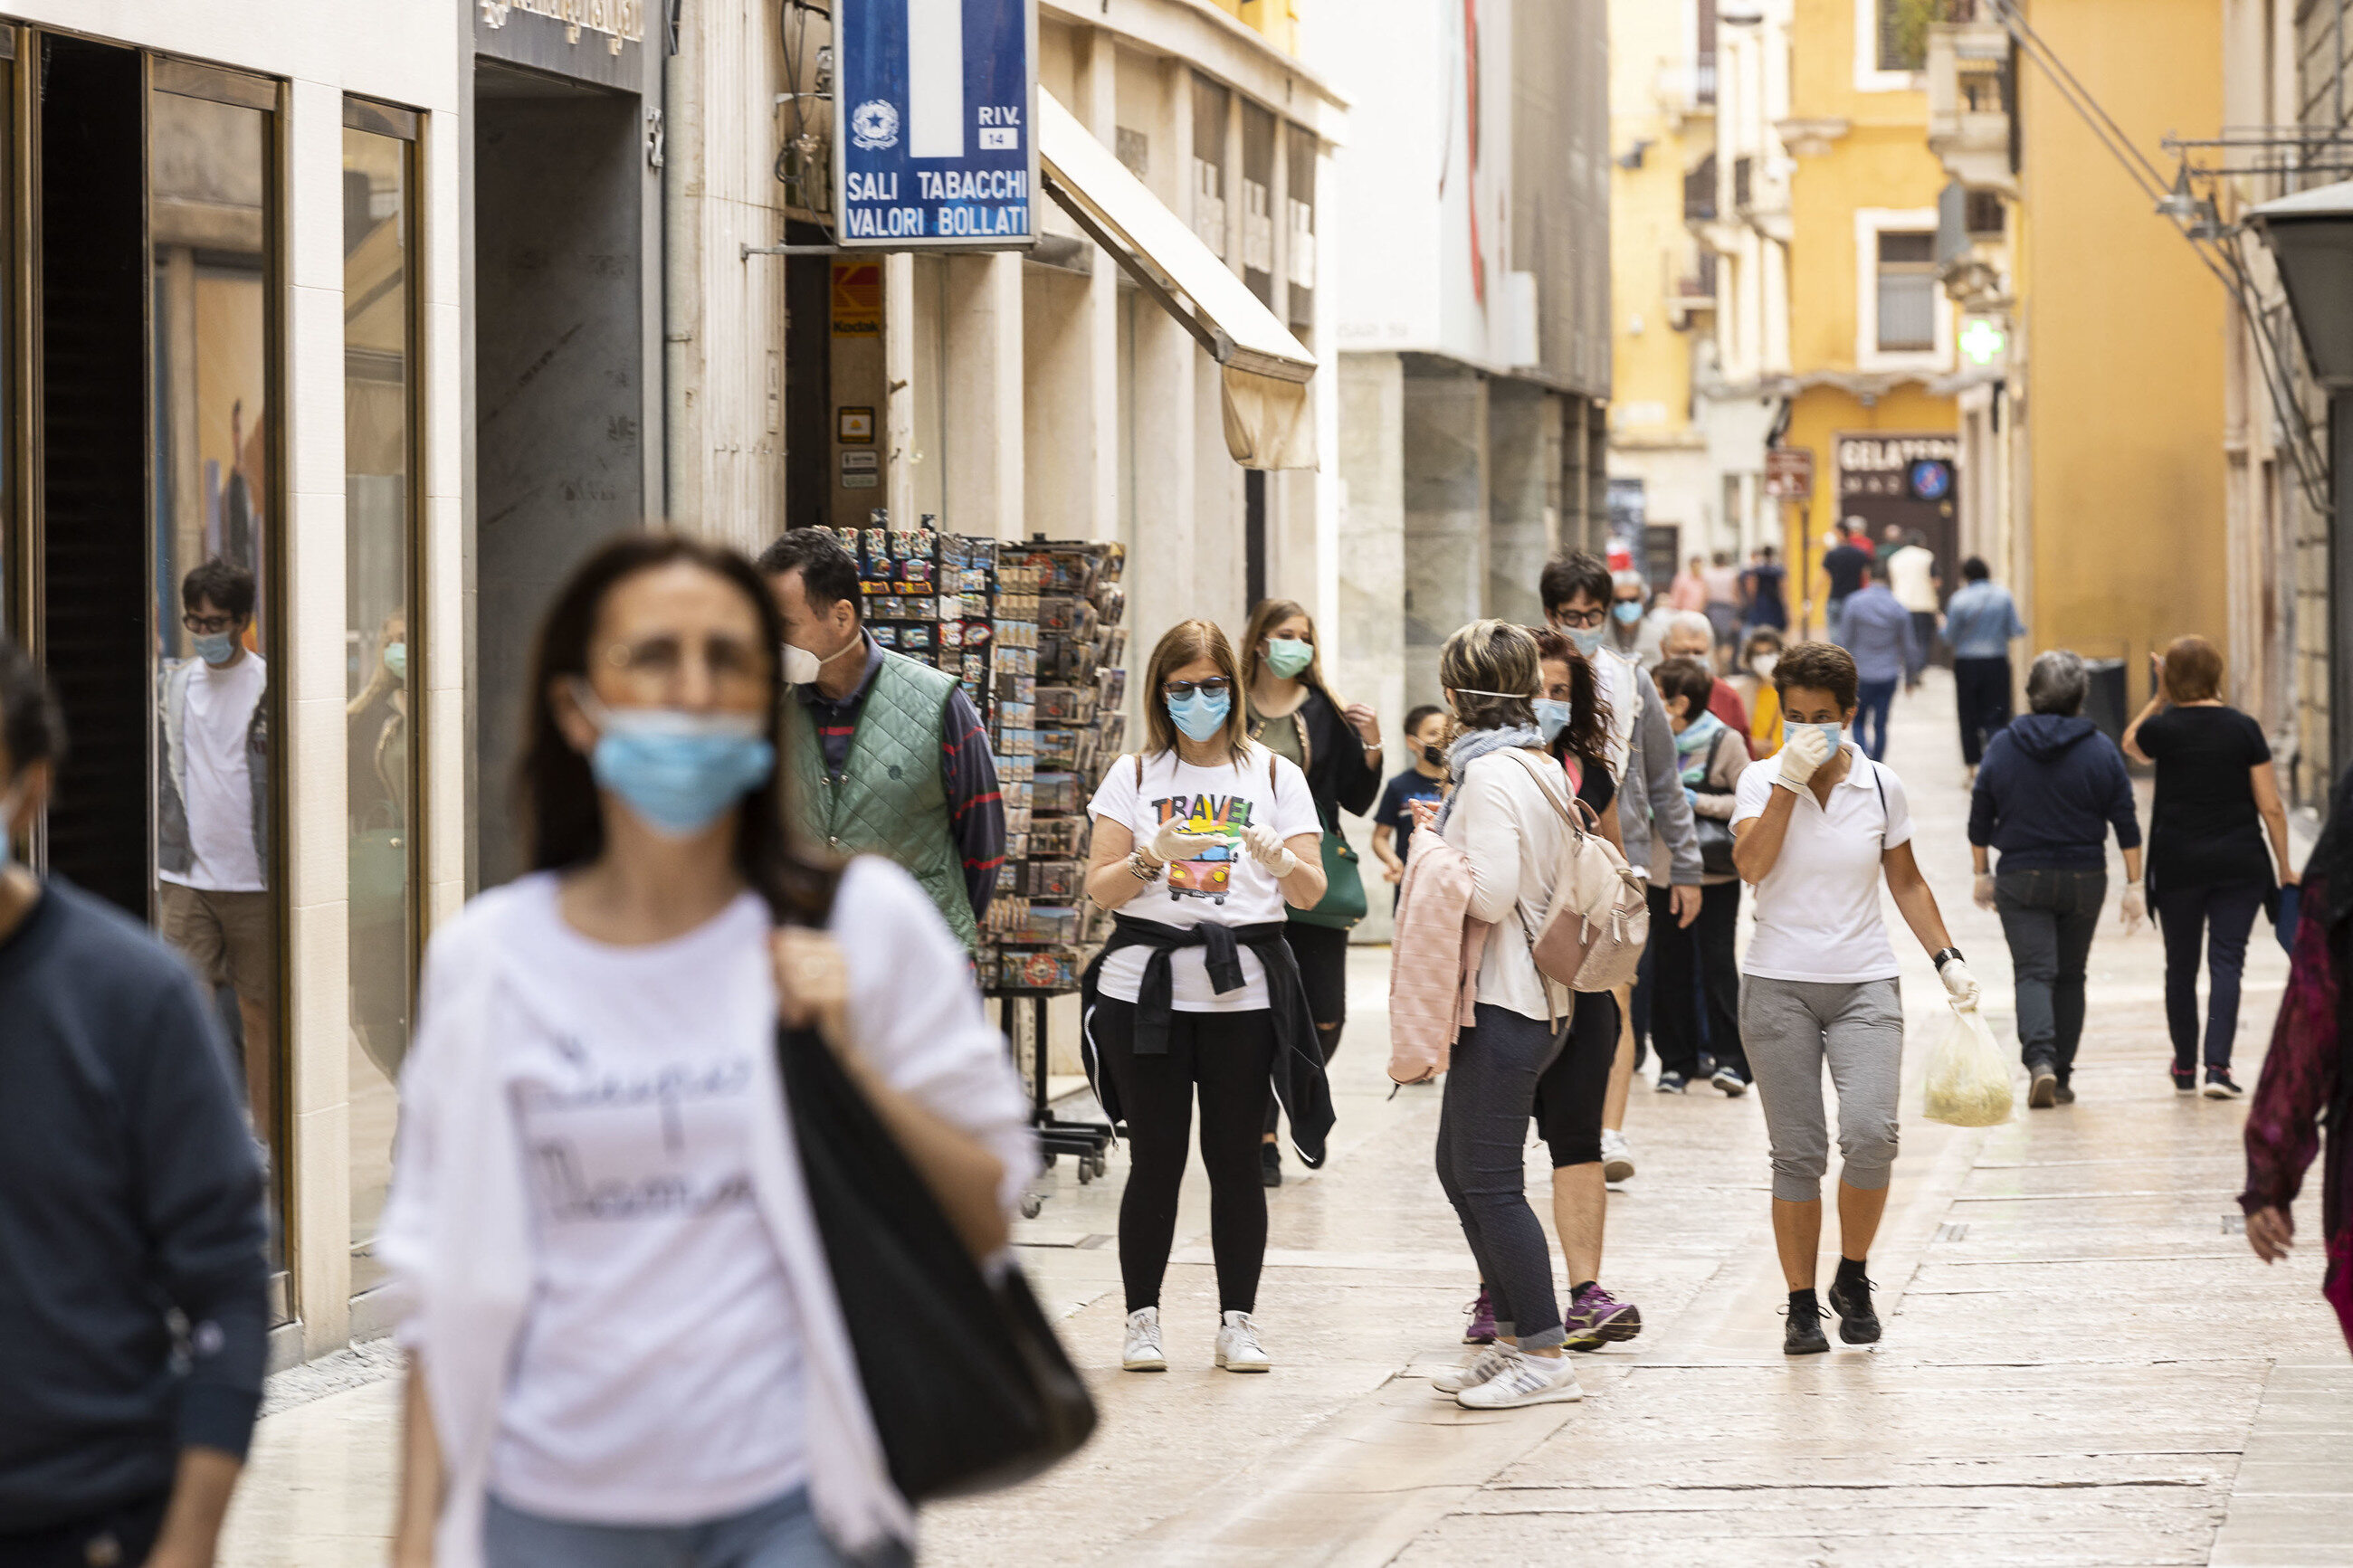 Włochy w trakcie pandemii koronawirusa